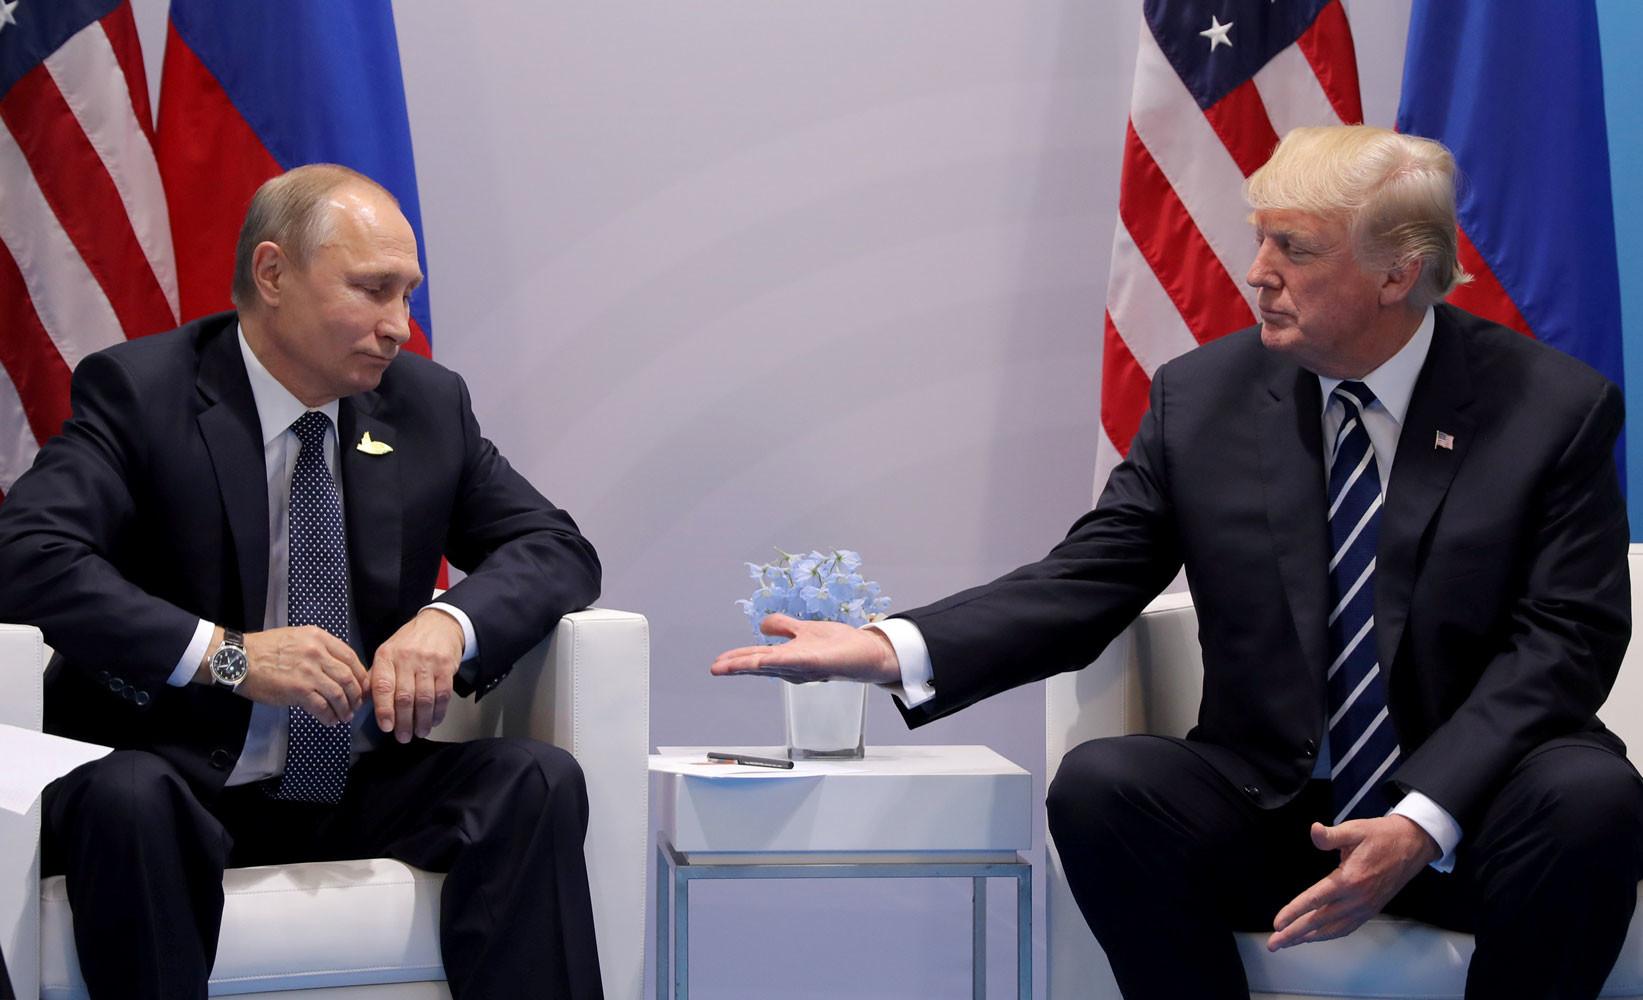 В нарушение норм безопасности: американские СМИ узнали о «тайной» встрече Трампа и Путина